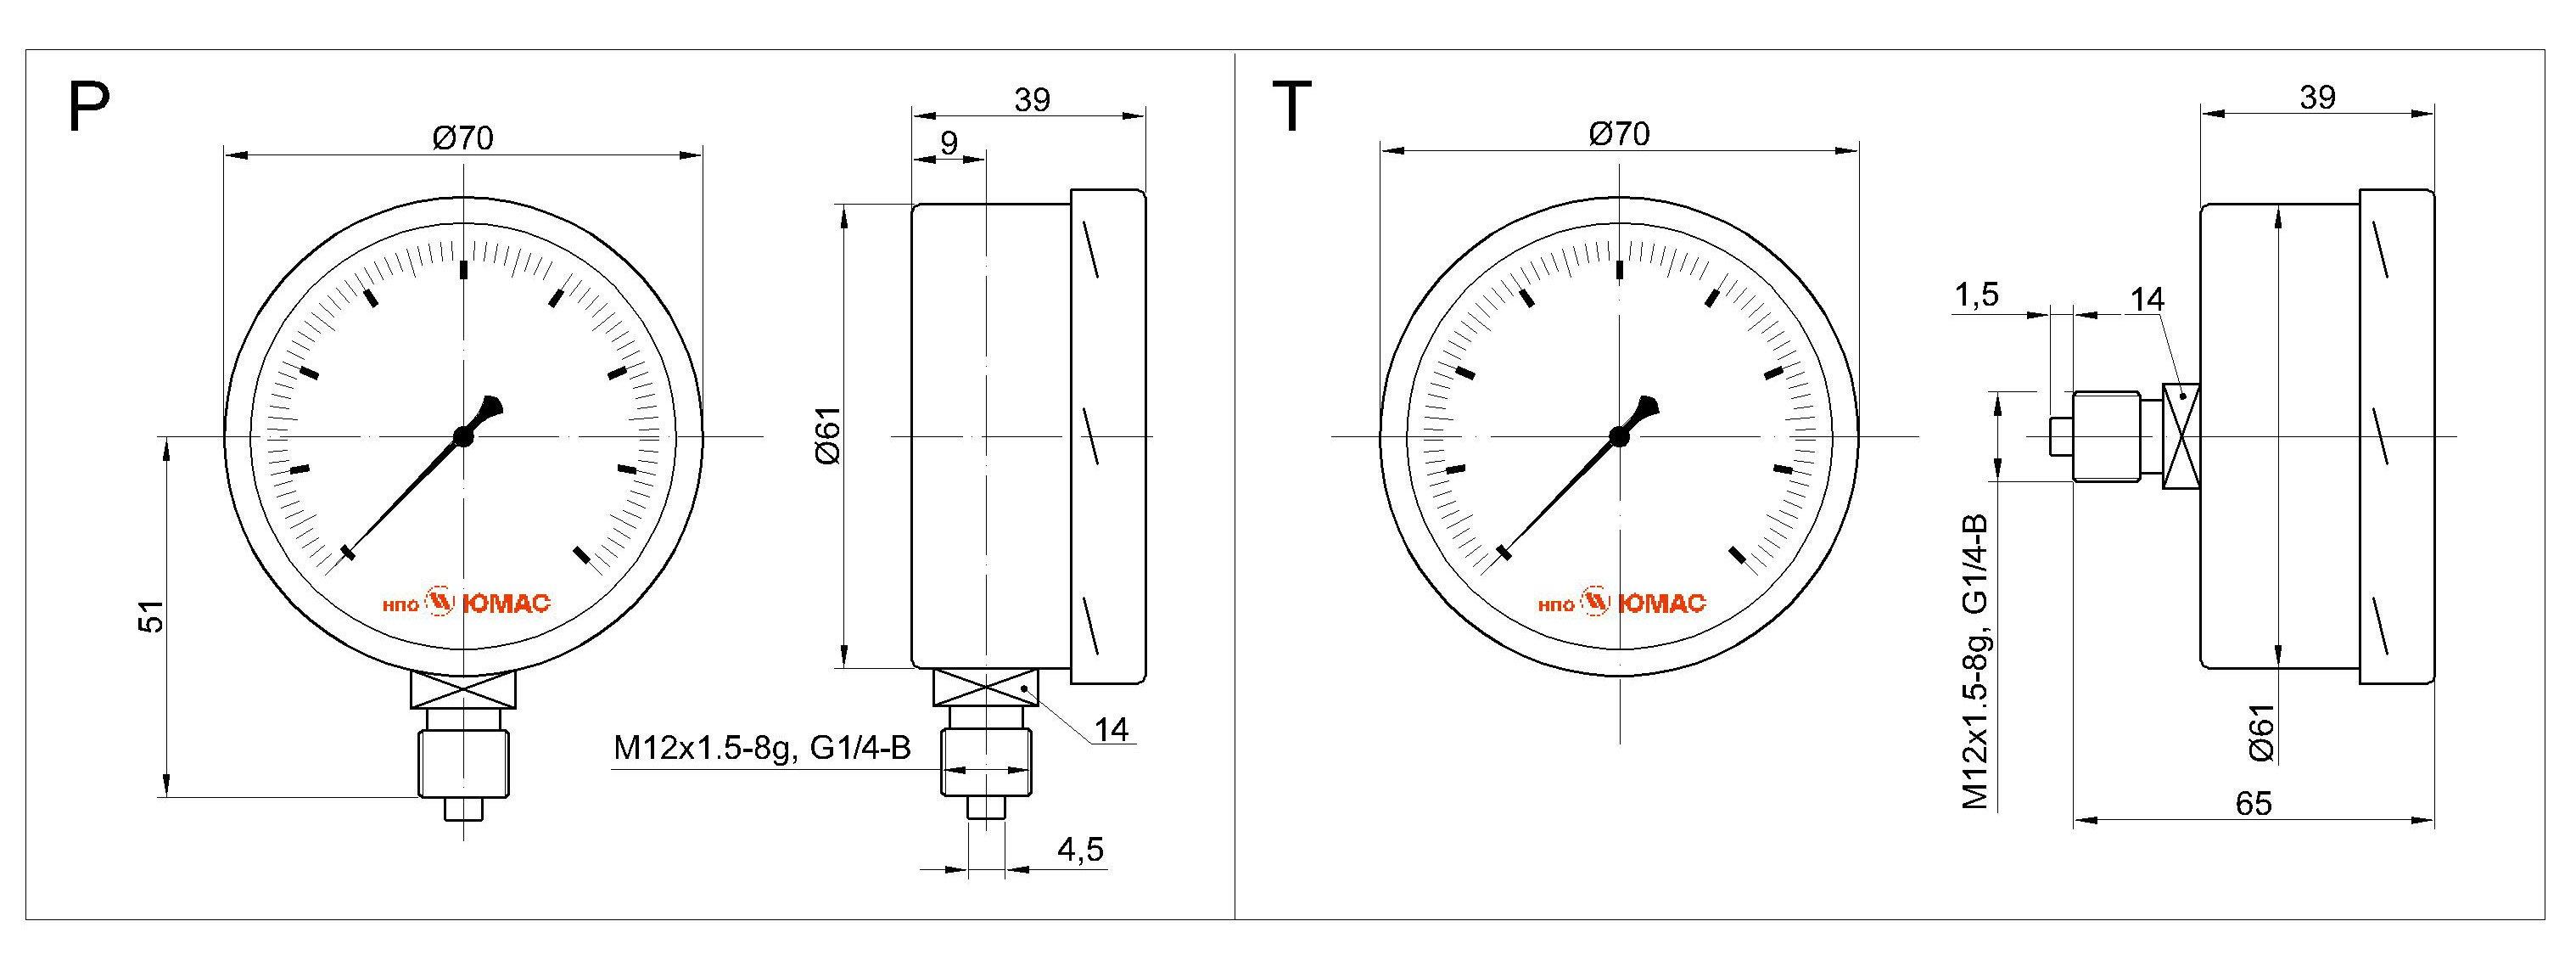 Фото схемы промышленного напоромера на сайте предприятия НПО «Юмас»